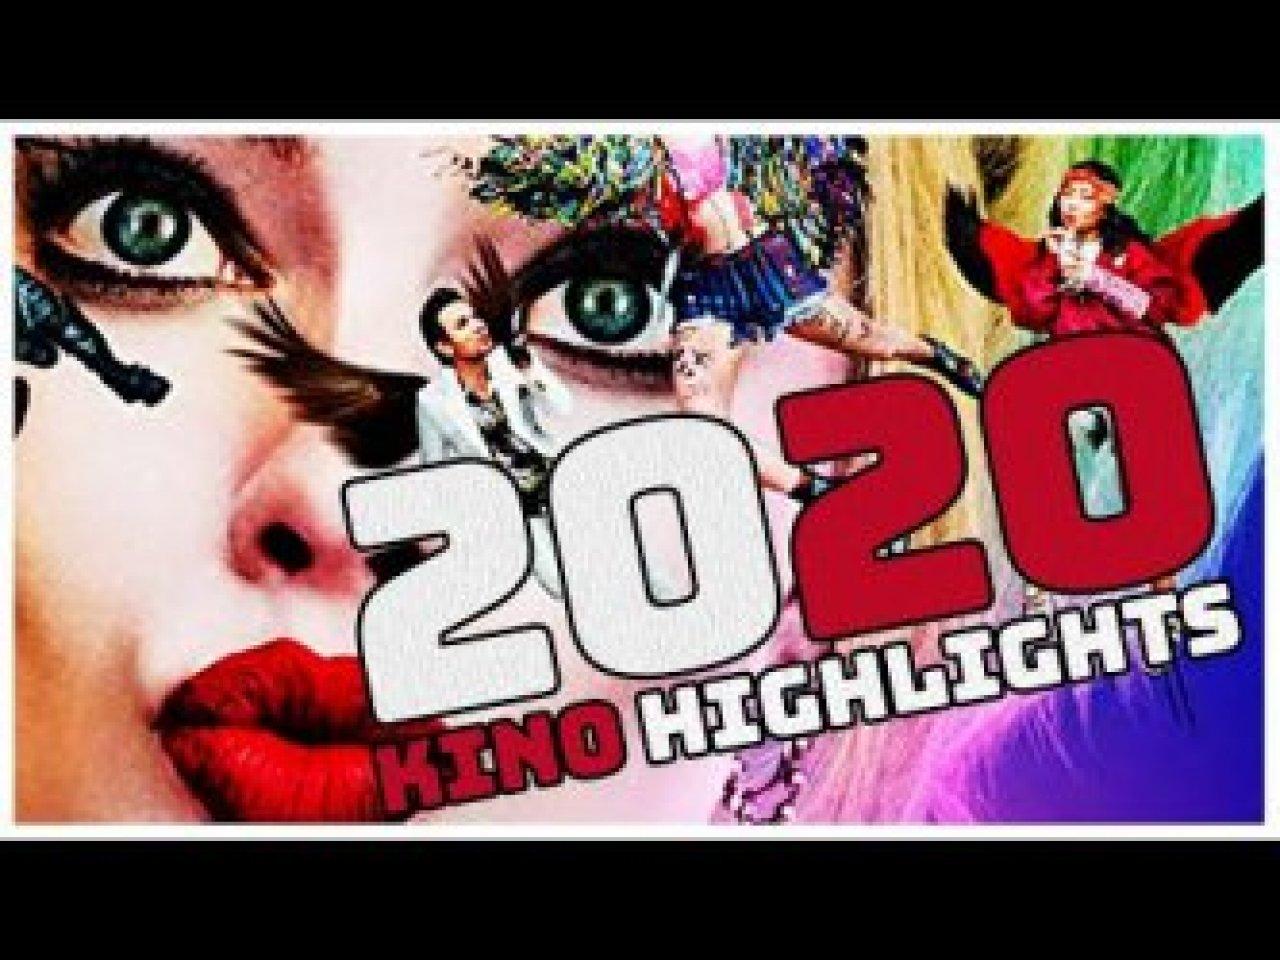 Kinofilme juli 2020